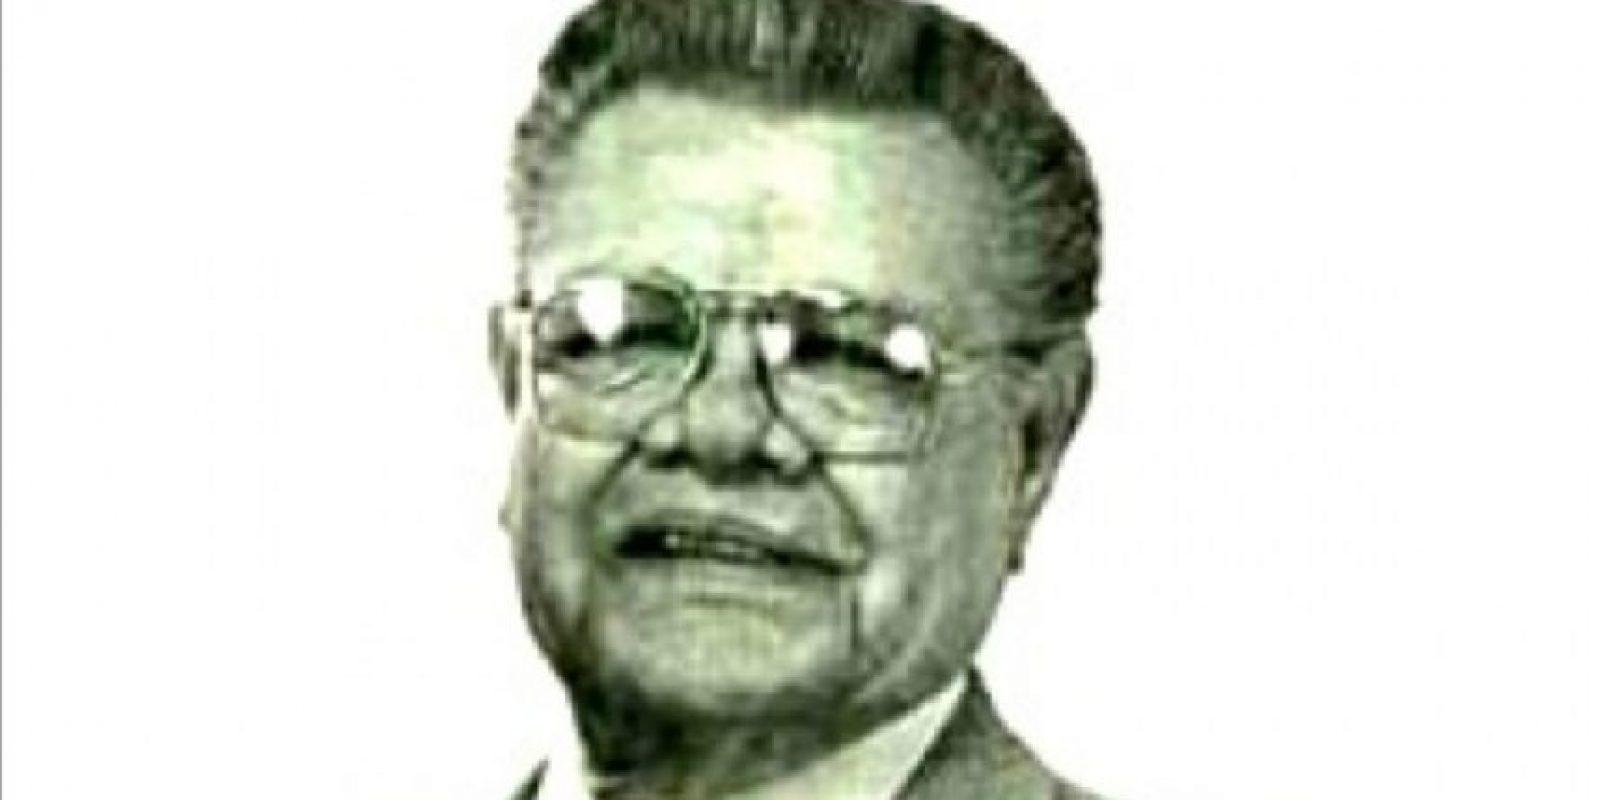 Falleció en 1994. En 2012, Tangamandapio levantó una estatua en su honor. Foto:El Chavo del Ocho /Wikia